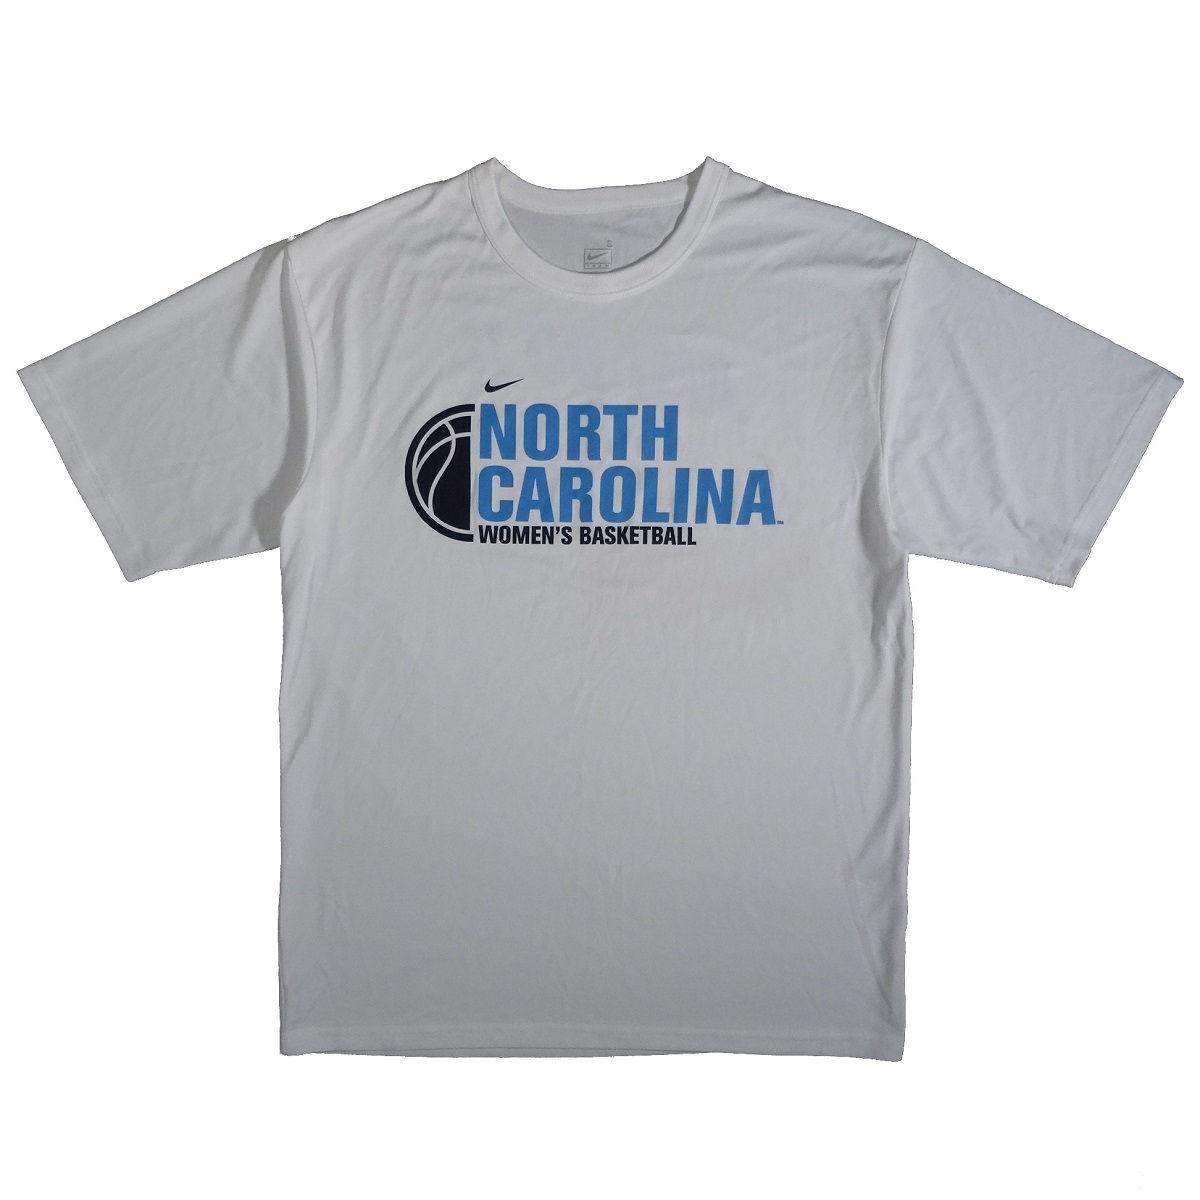 North Carolina Womens Basketball Nike Shirt Front